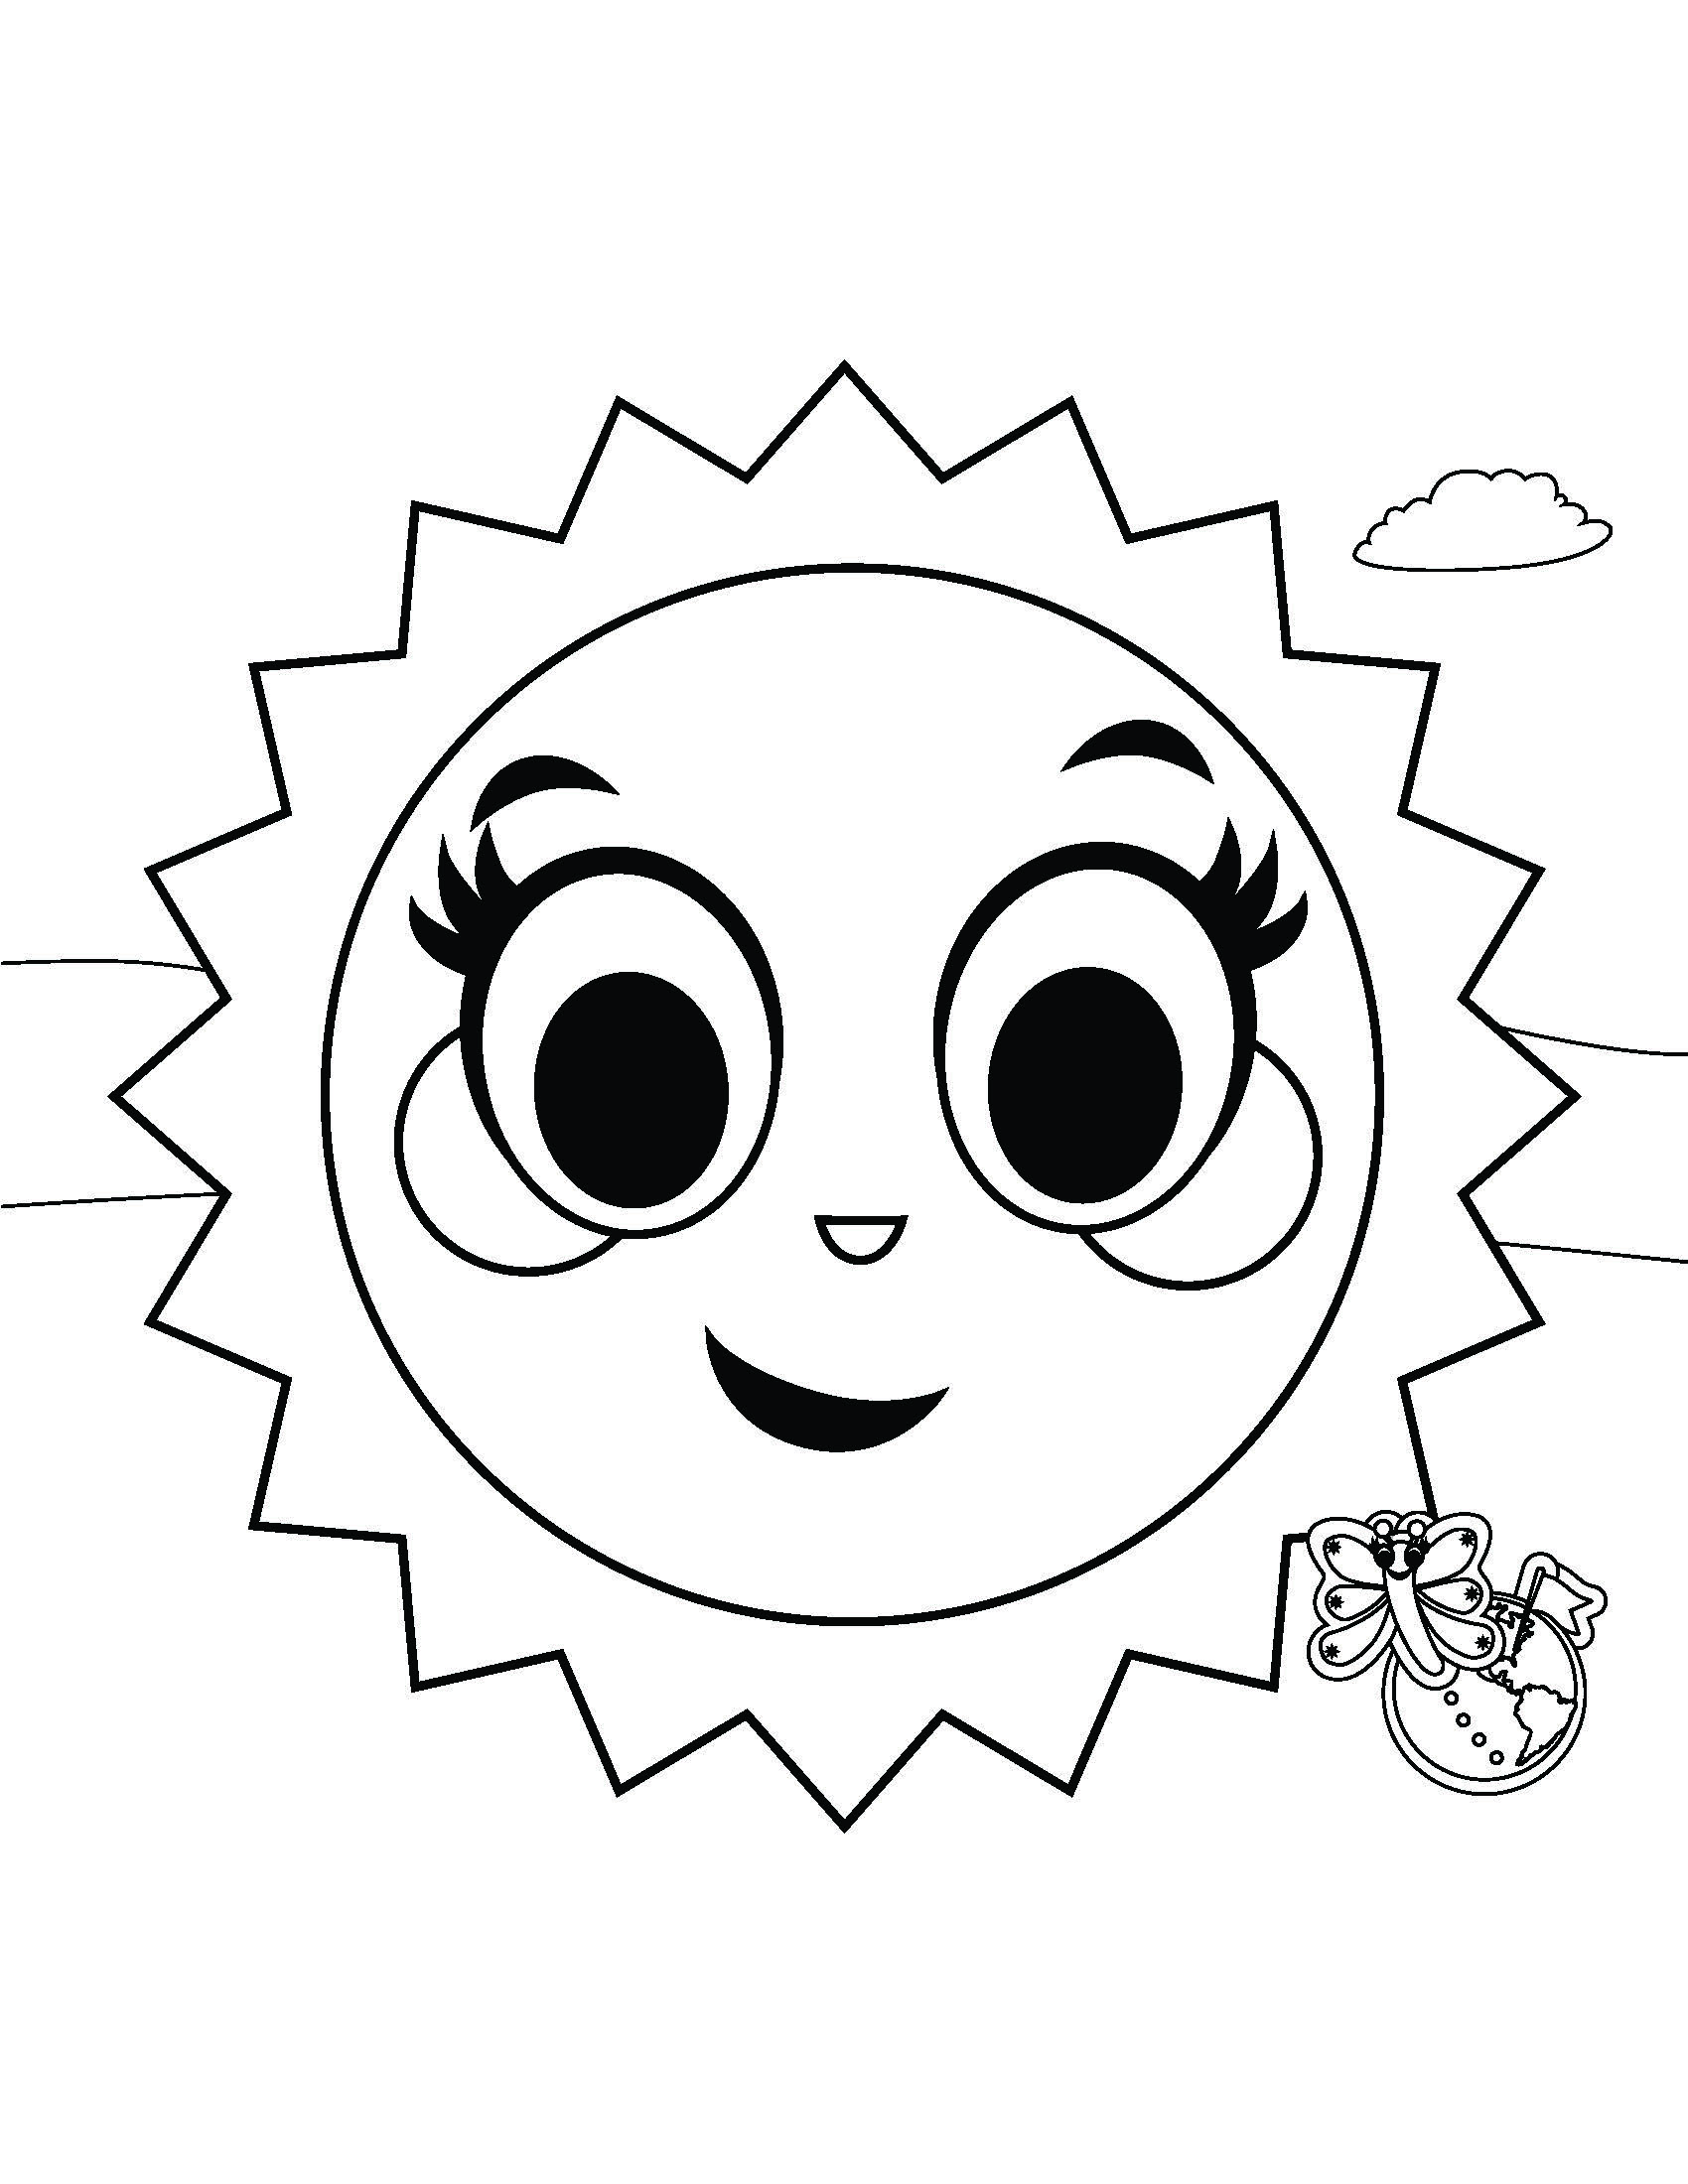 Soleil the Sun